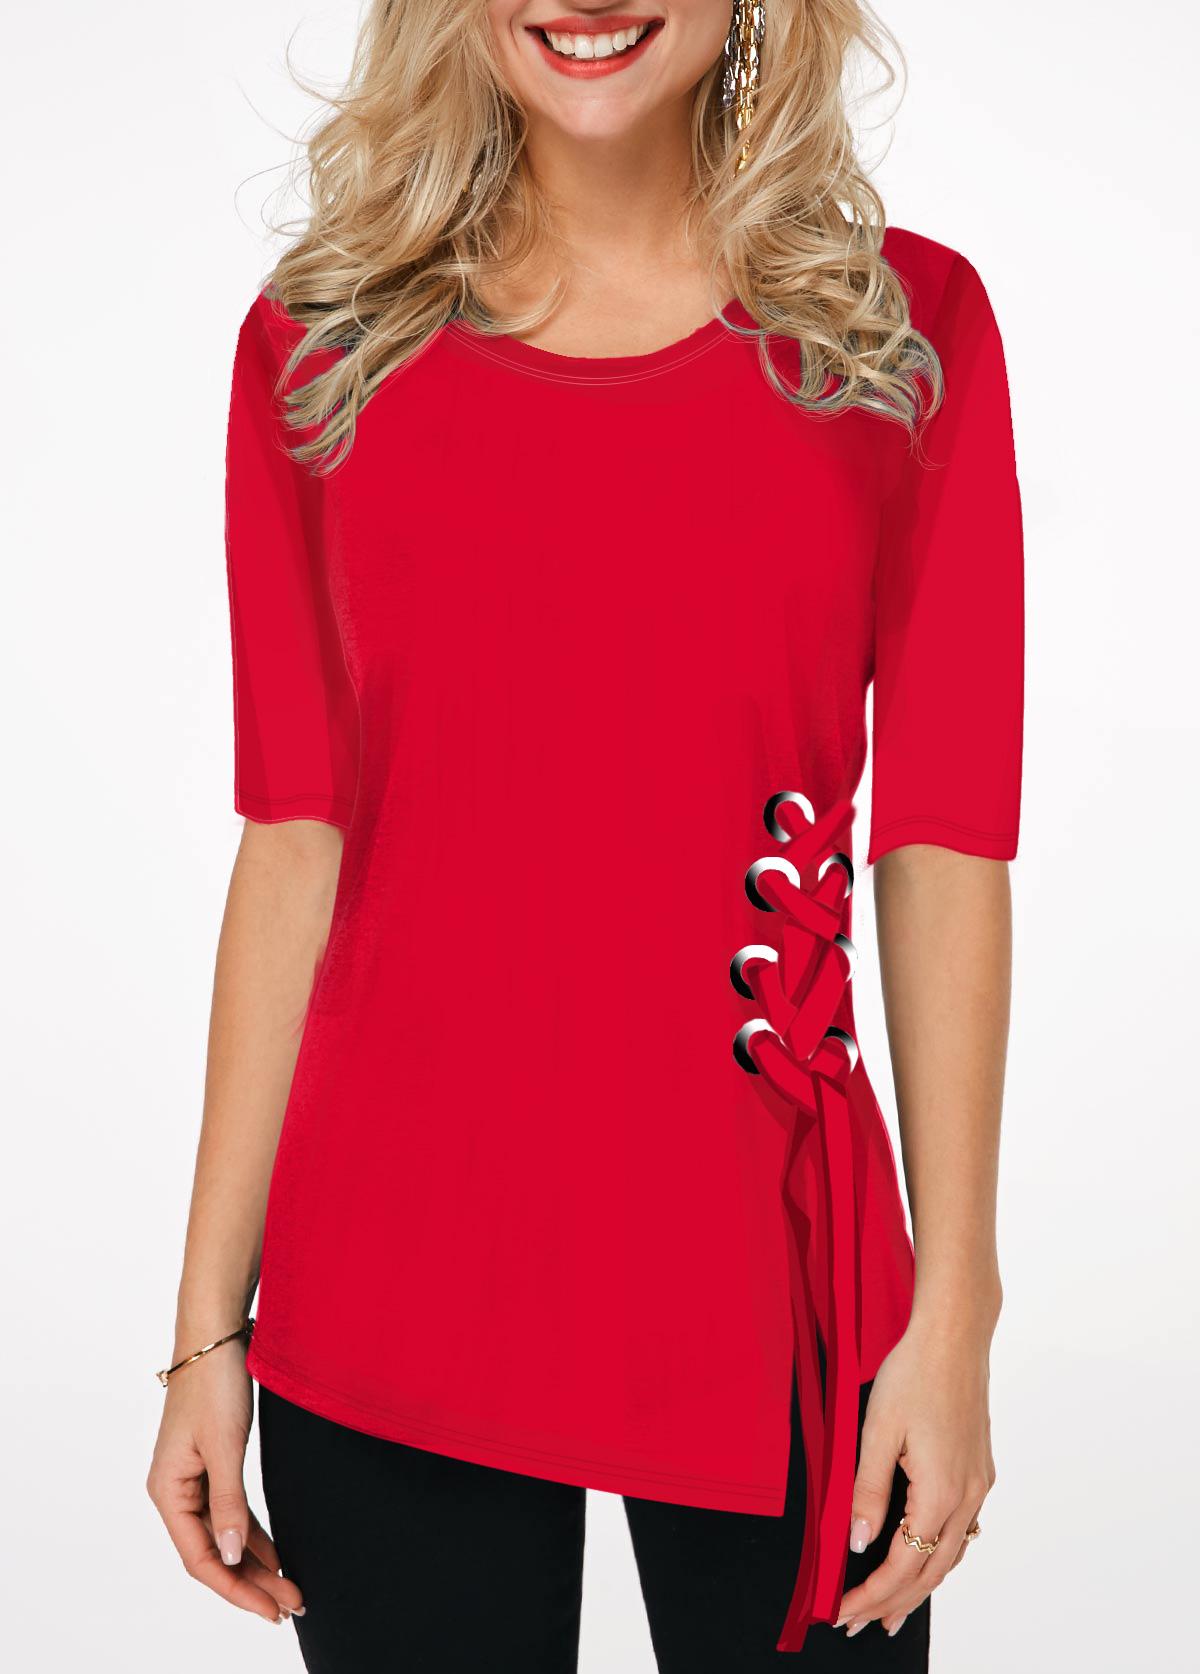 Half Sleeve Round Neck Red T Shirt